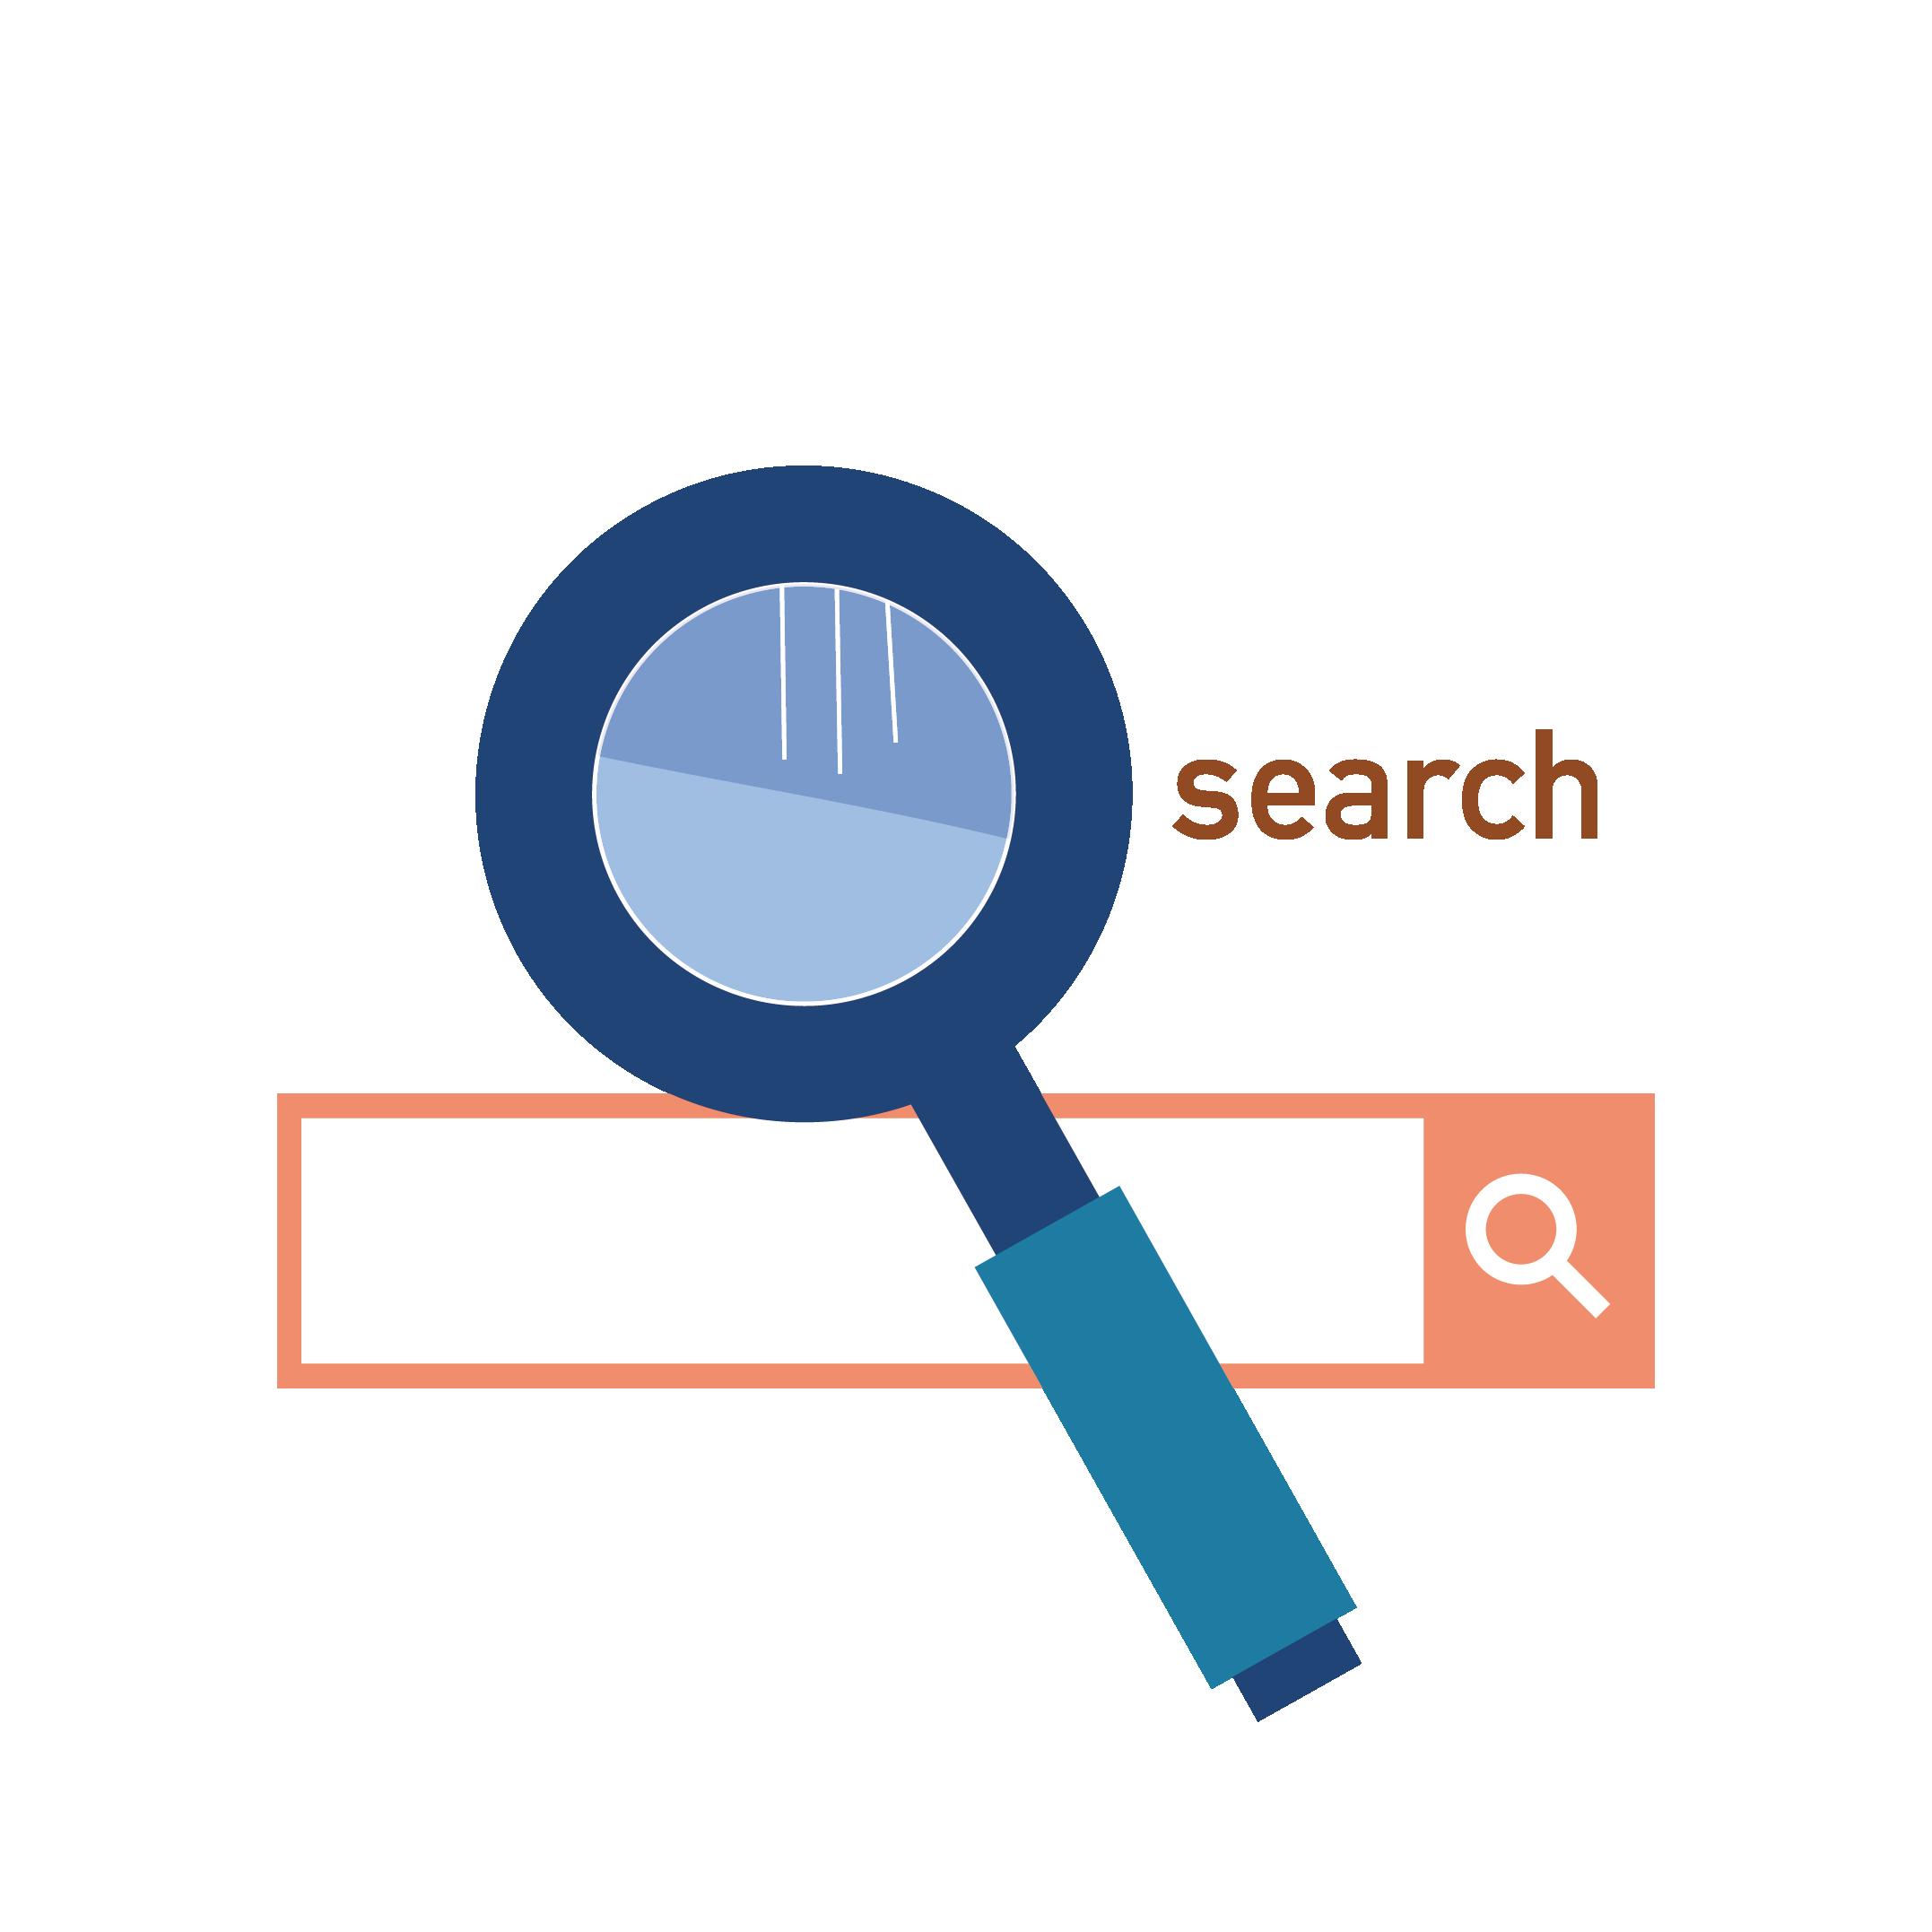 検索マーク イラスト【インターネット検索】 | 商用フリー(無料)の